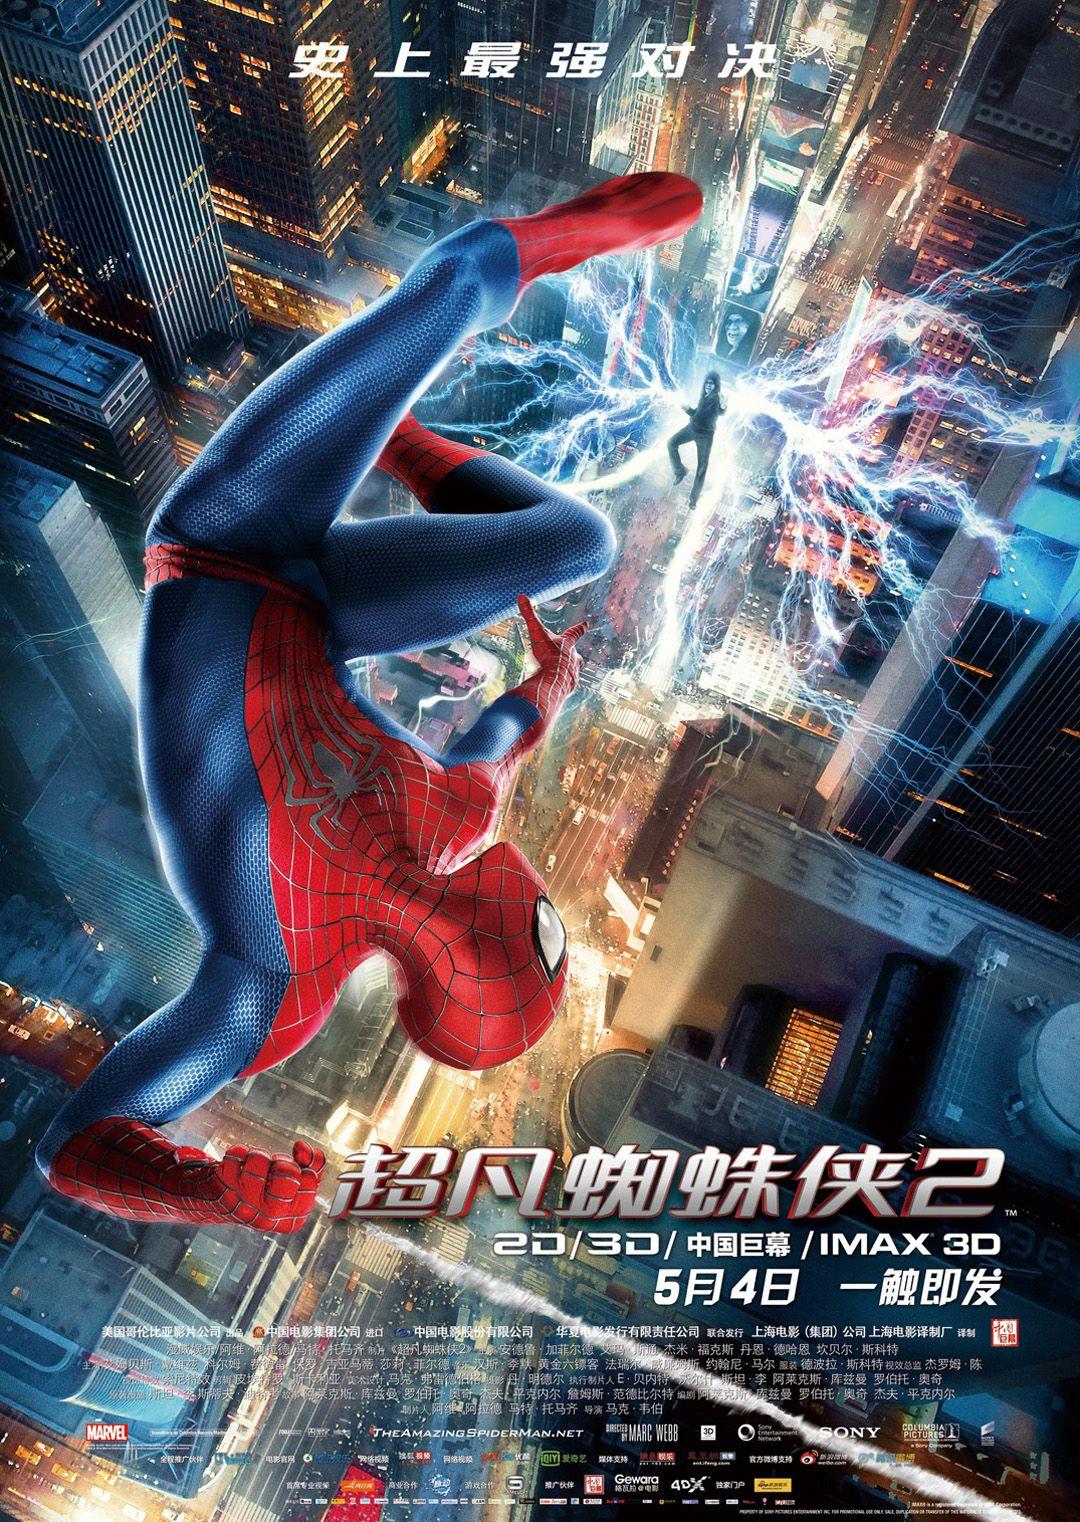 《超凡蜘蛛侠2》誓言版预告